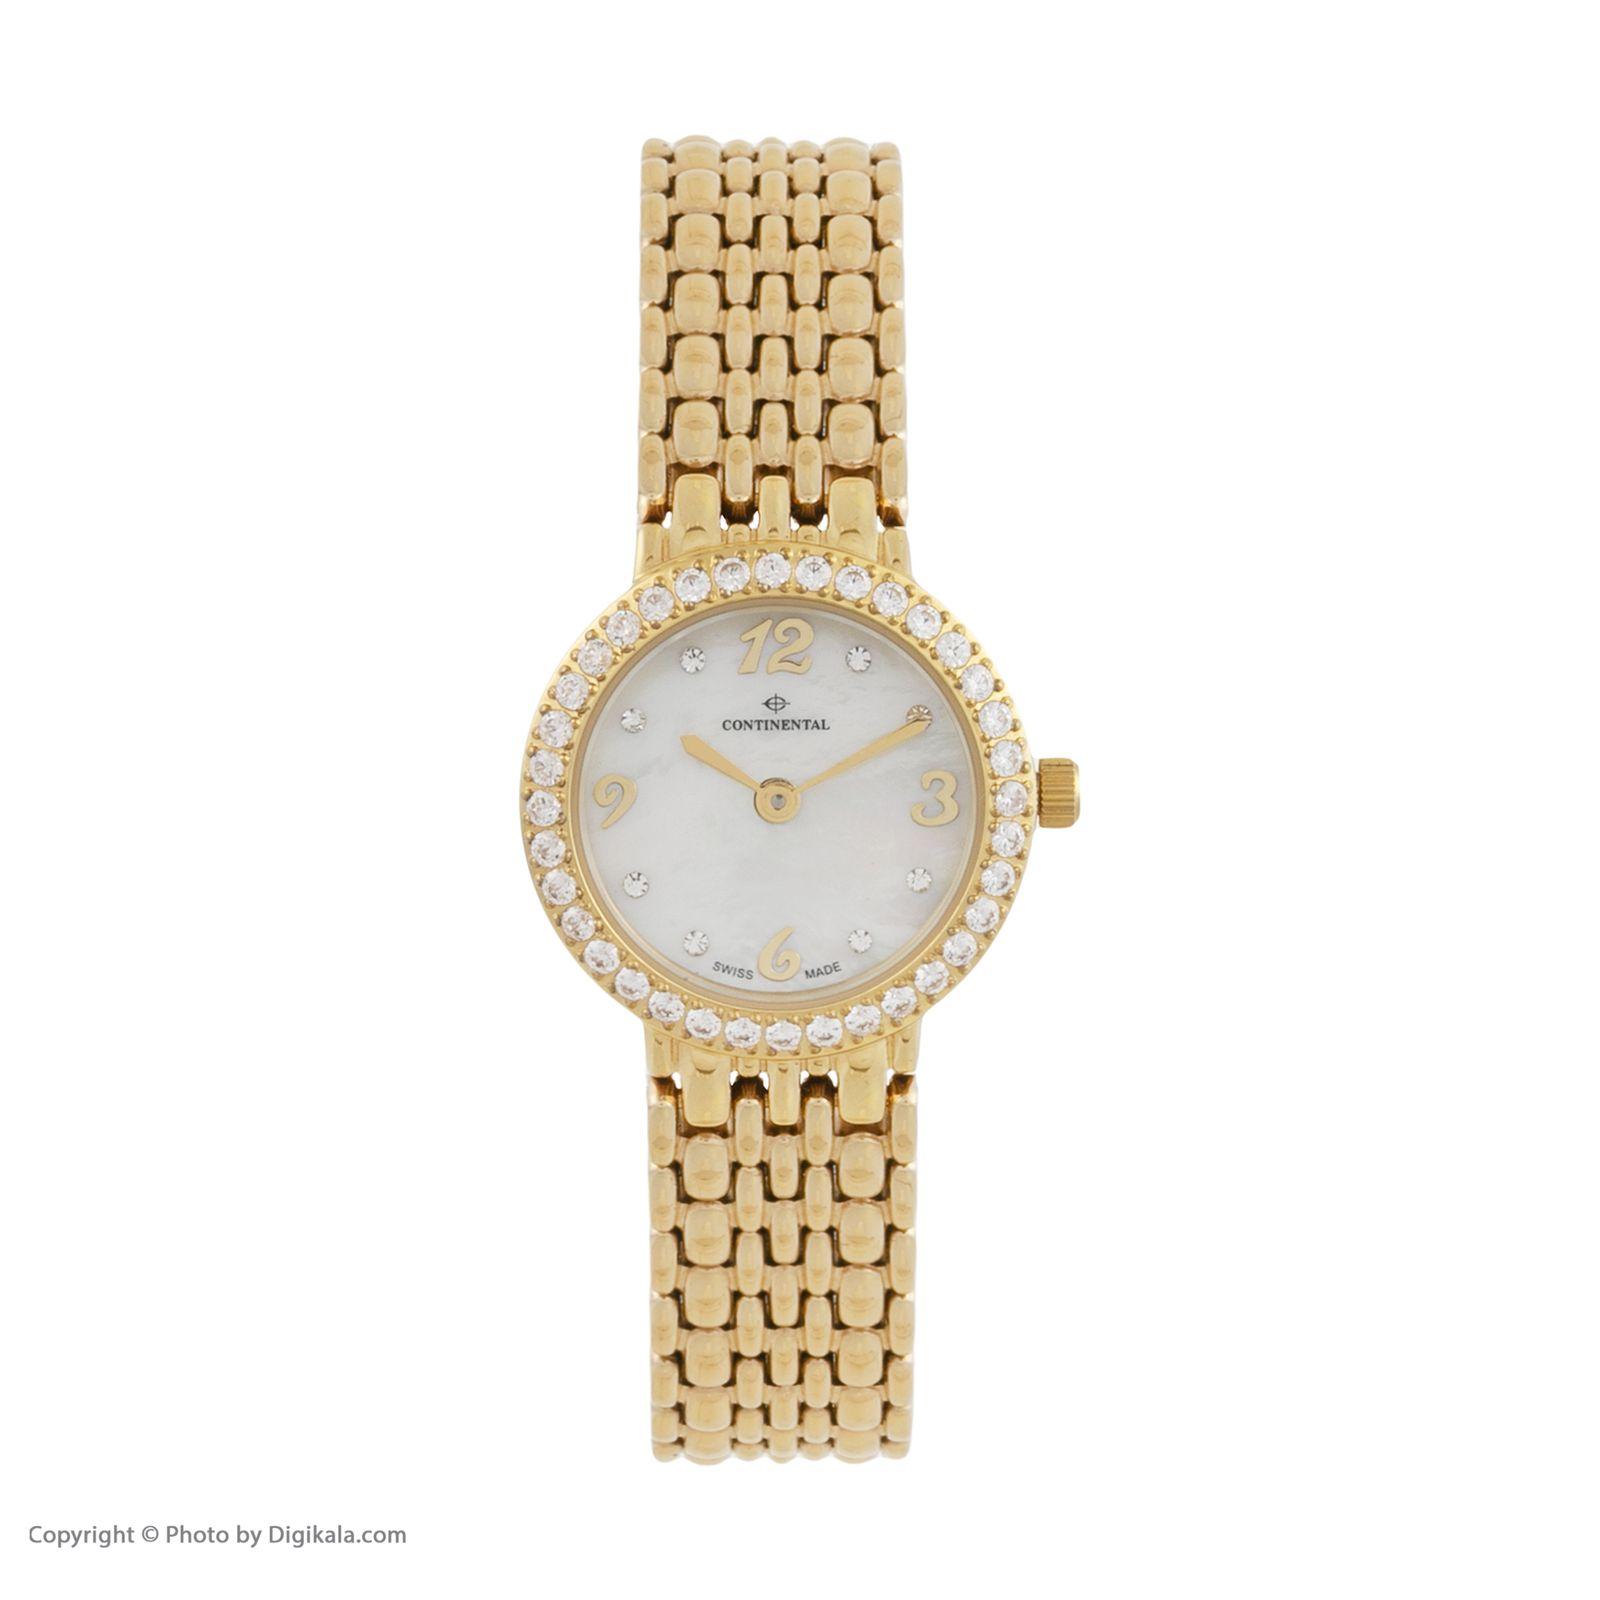 ساعت مچی عقربه ای زنانه کنتیننتال مدل 3004-LT202521 -  - 1